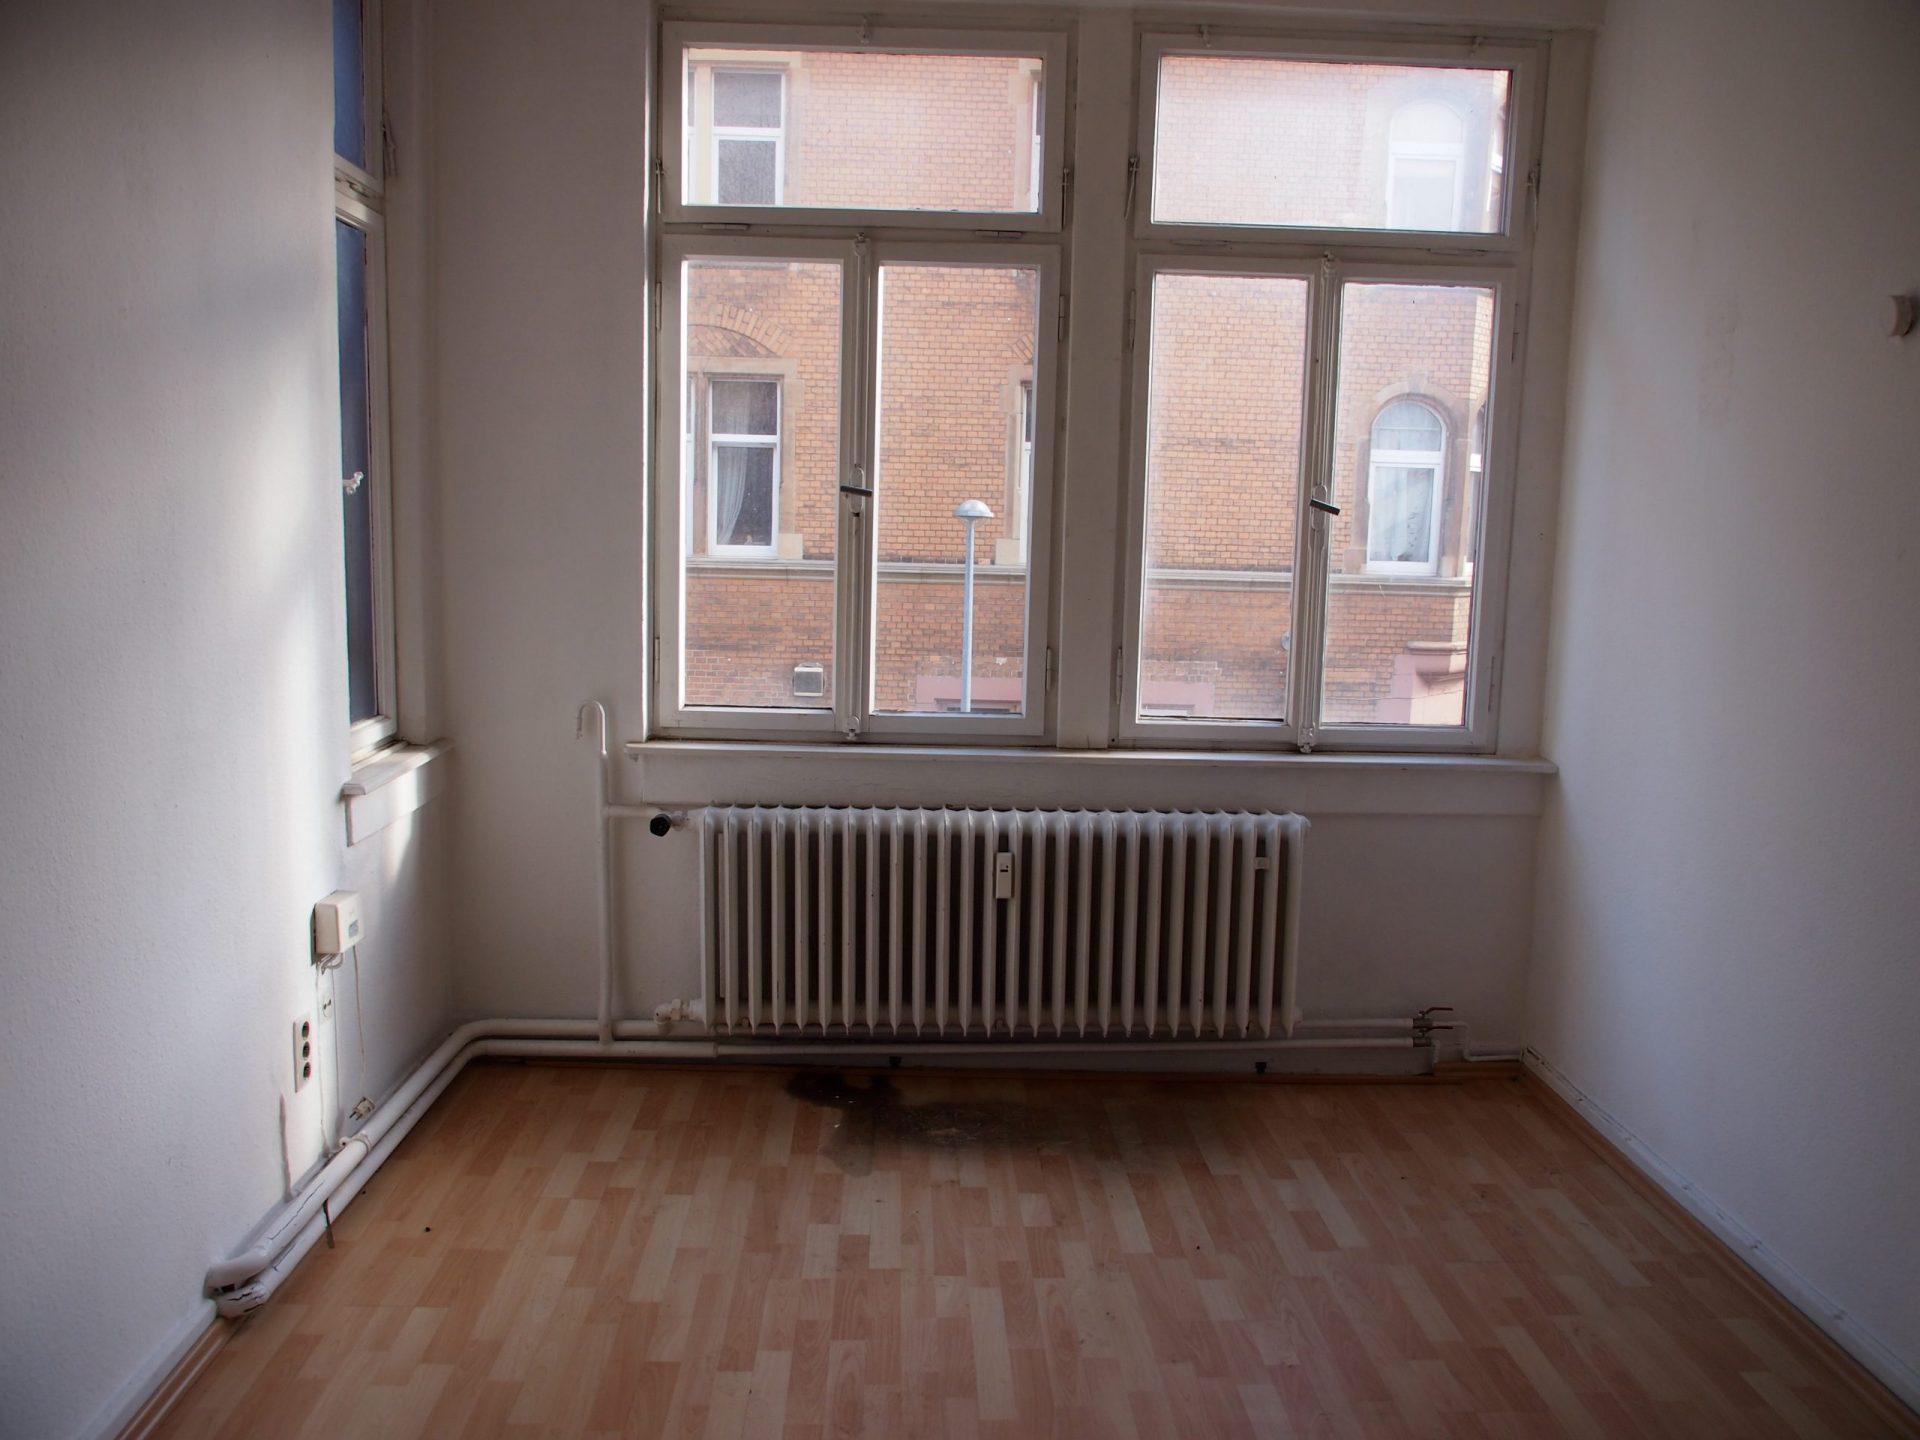 Neckarstrasse 1 Innenraum vor Sanierung